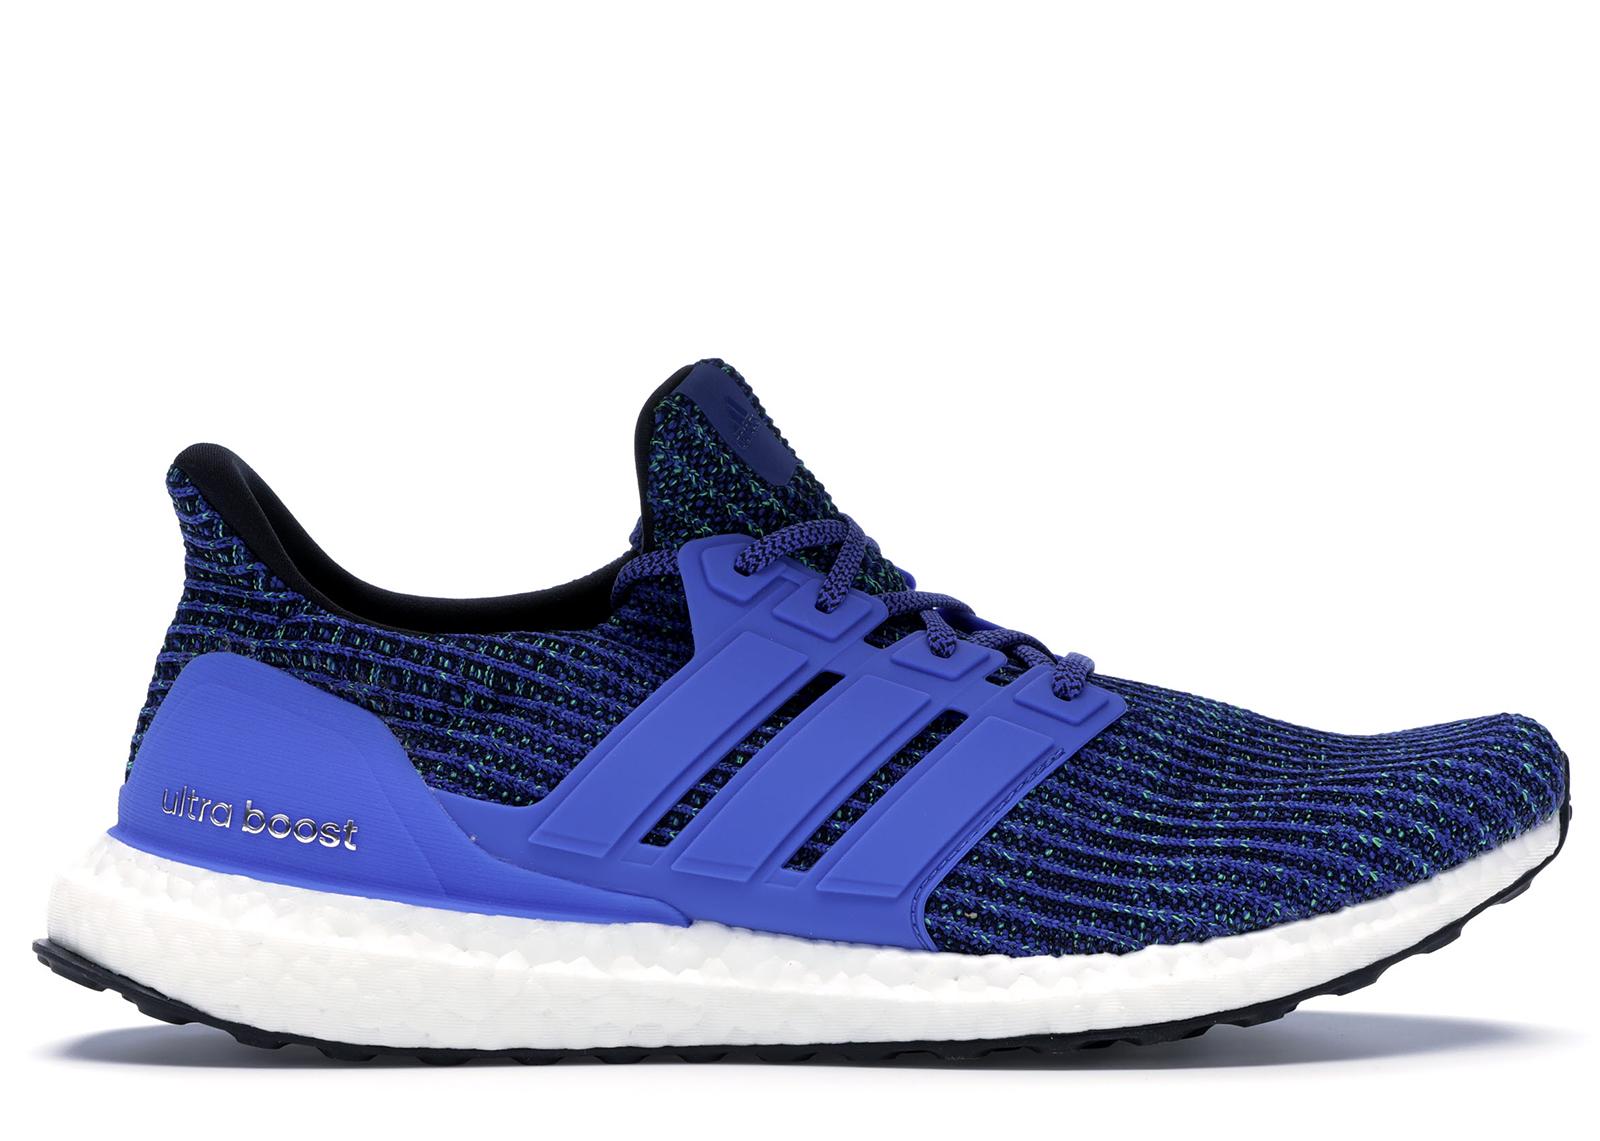 adidas Ultra Boost 4.0 Hi Res Blue